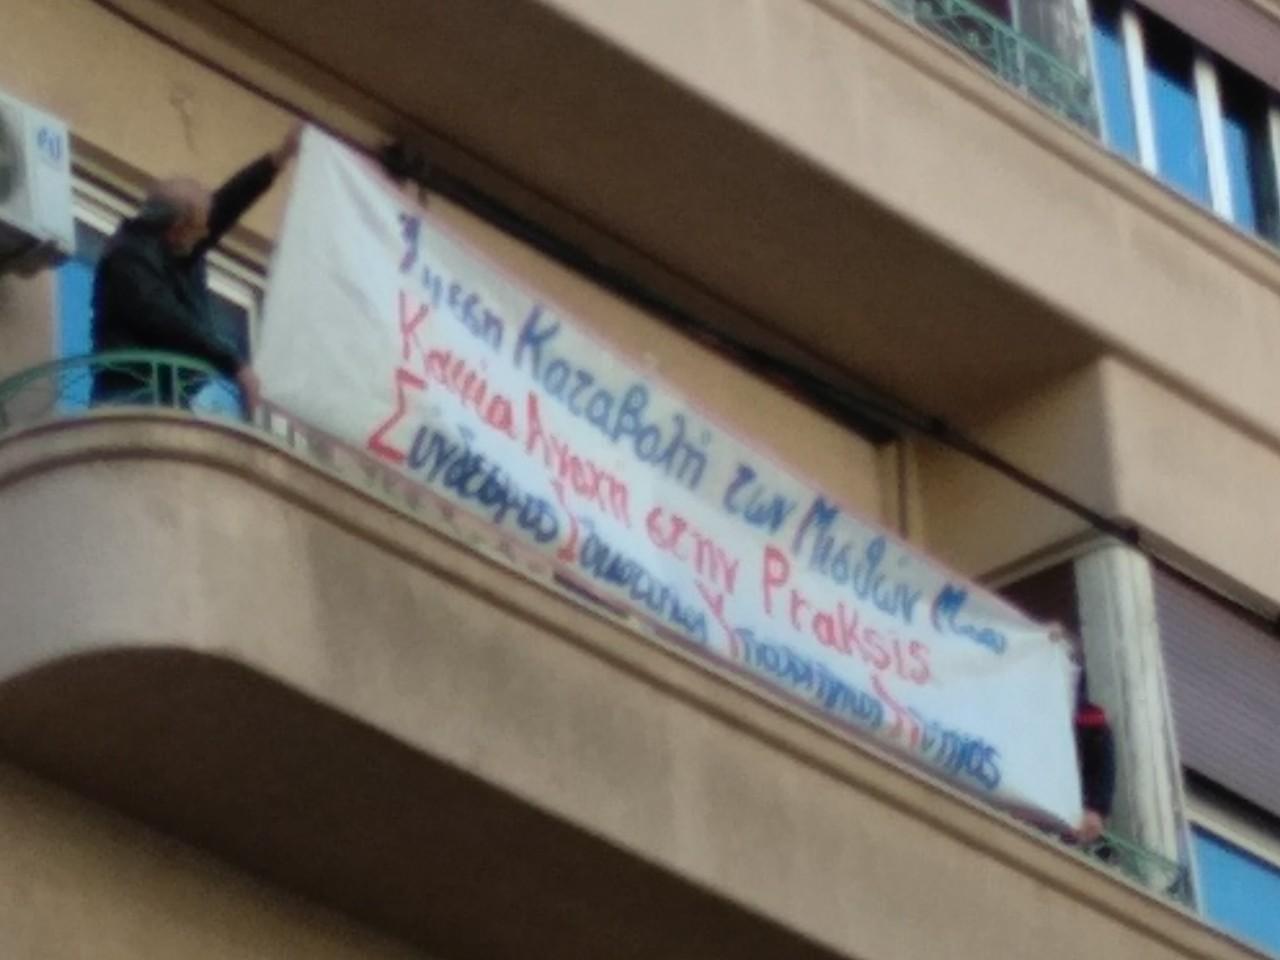 Συμβολική κατάληψη των γραφείων της ΜΚΟ Praksis. Nέα κινητοποίηση αύριο, Πέμπτη 13/12/18, 12:30μμ